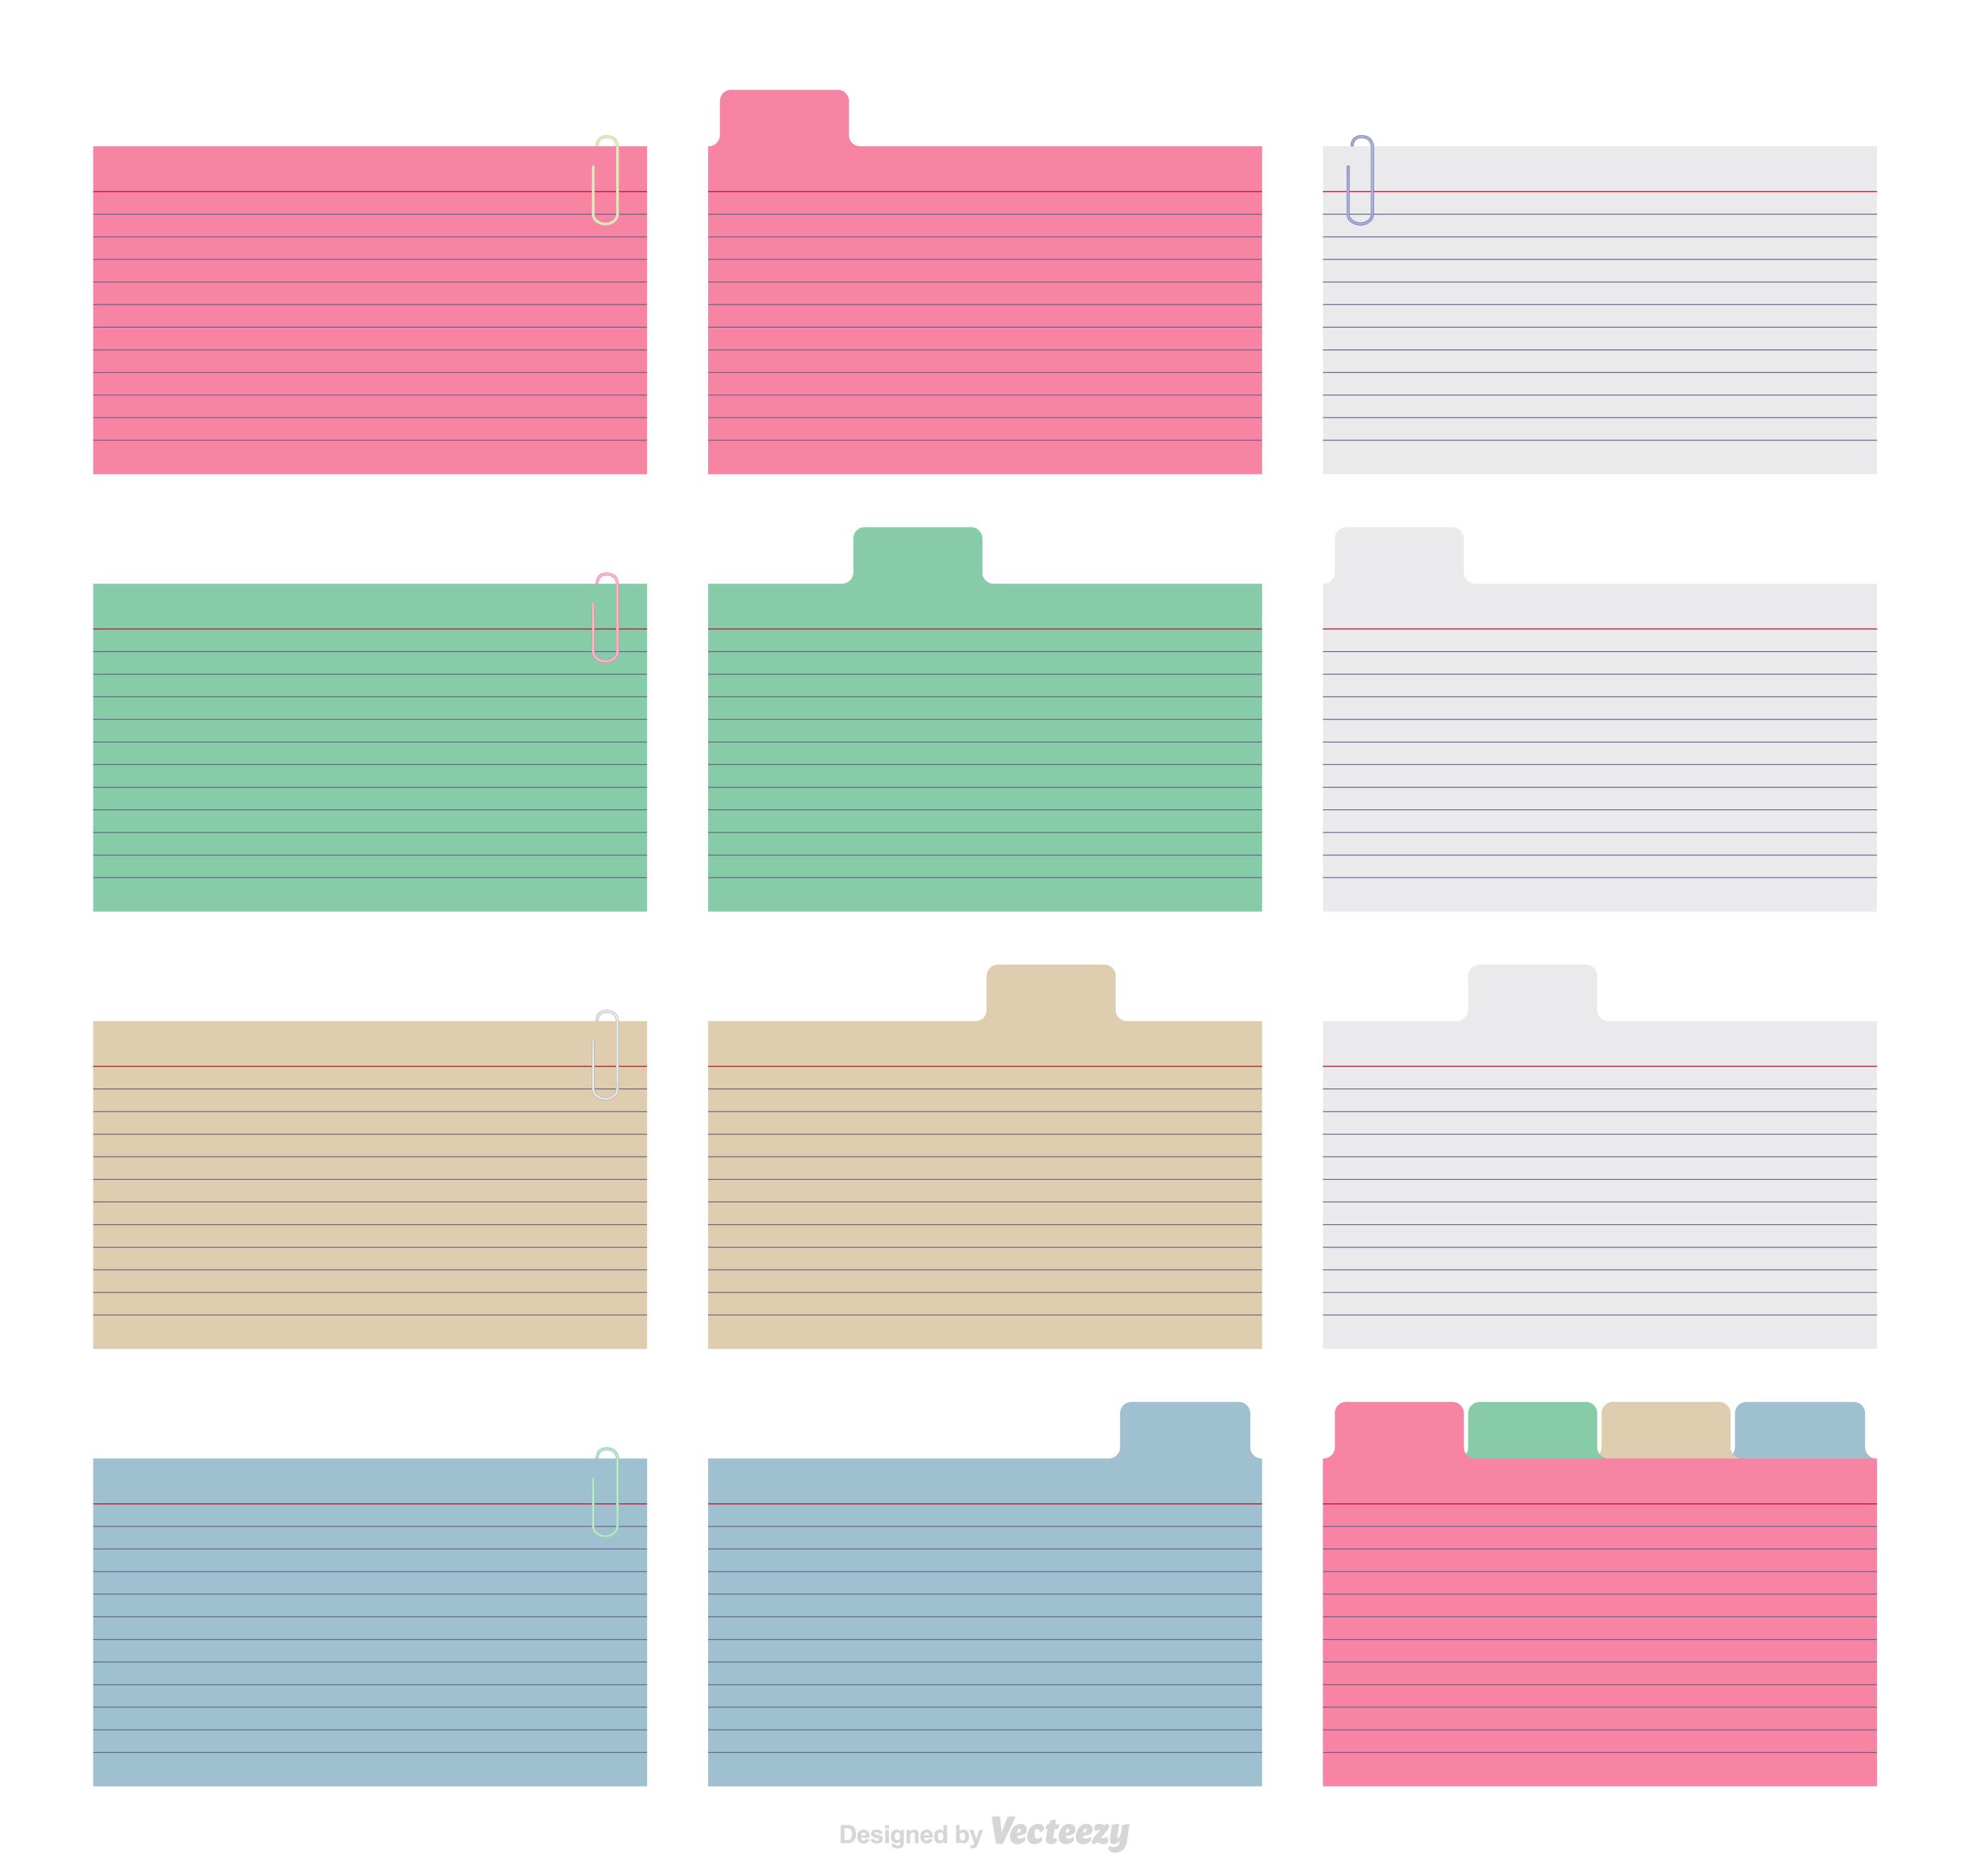 Plantillas de Vector de índice de papel colorido - Descargue ...